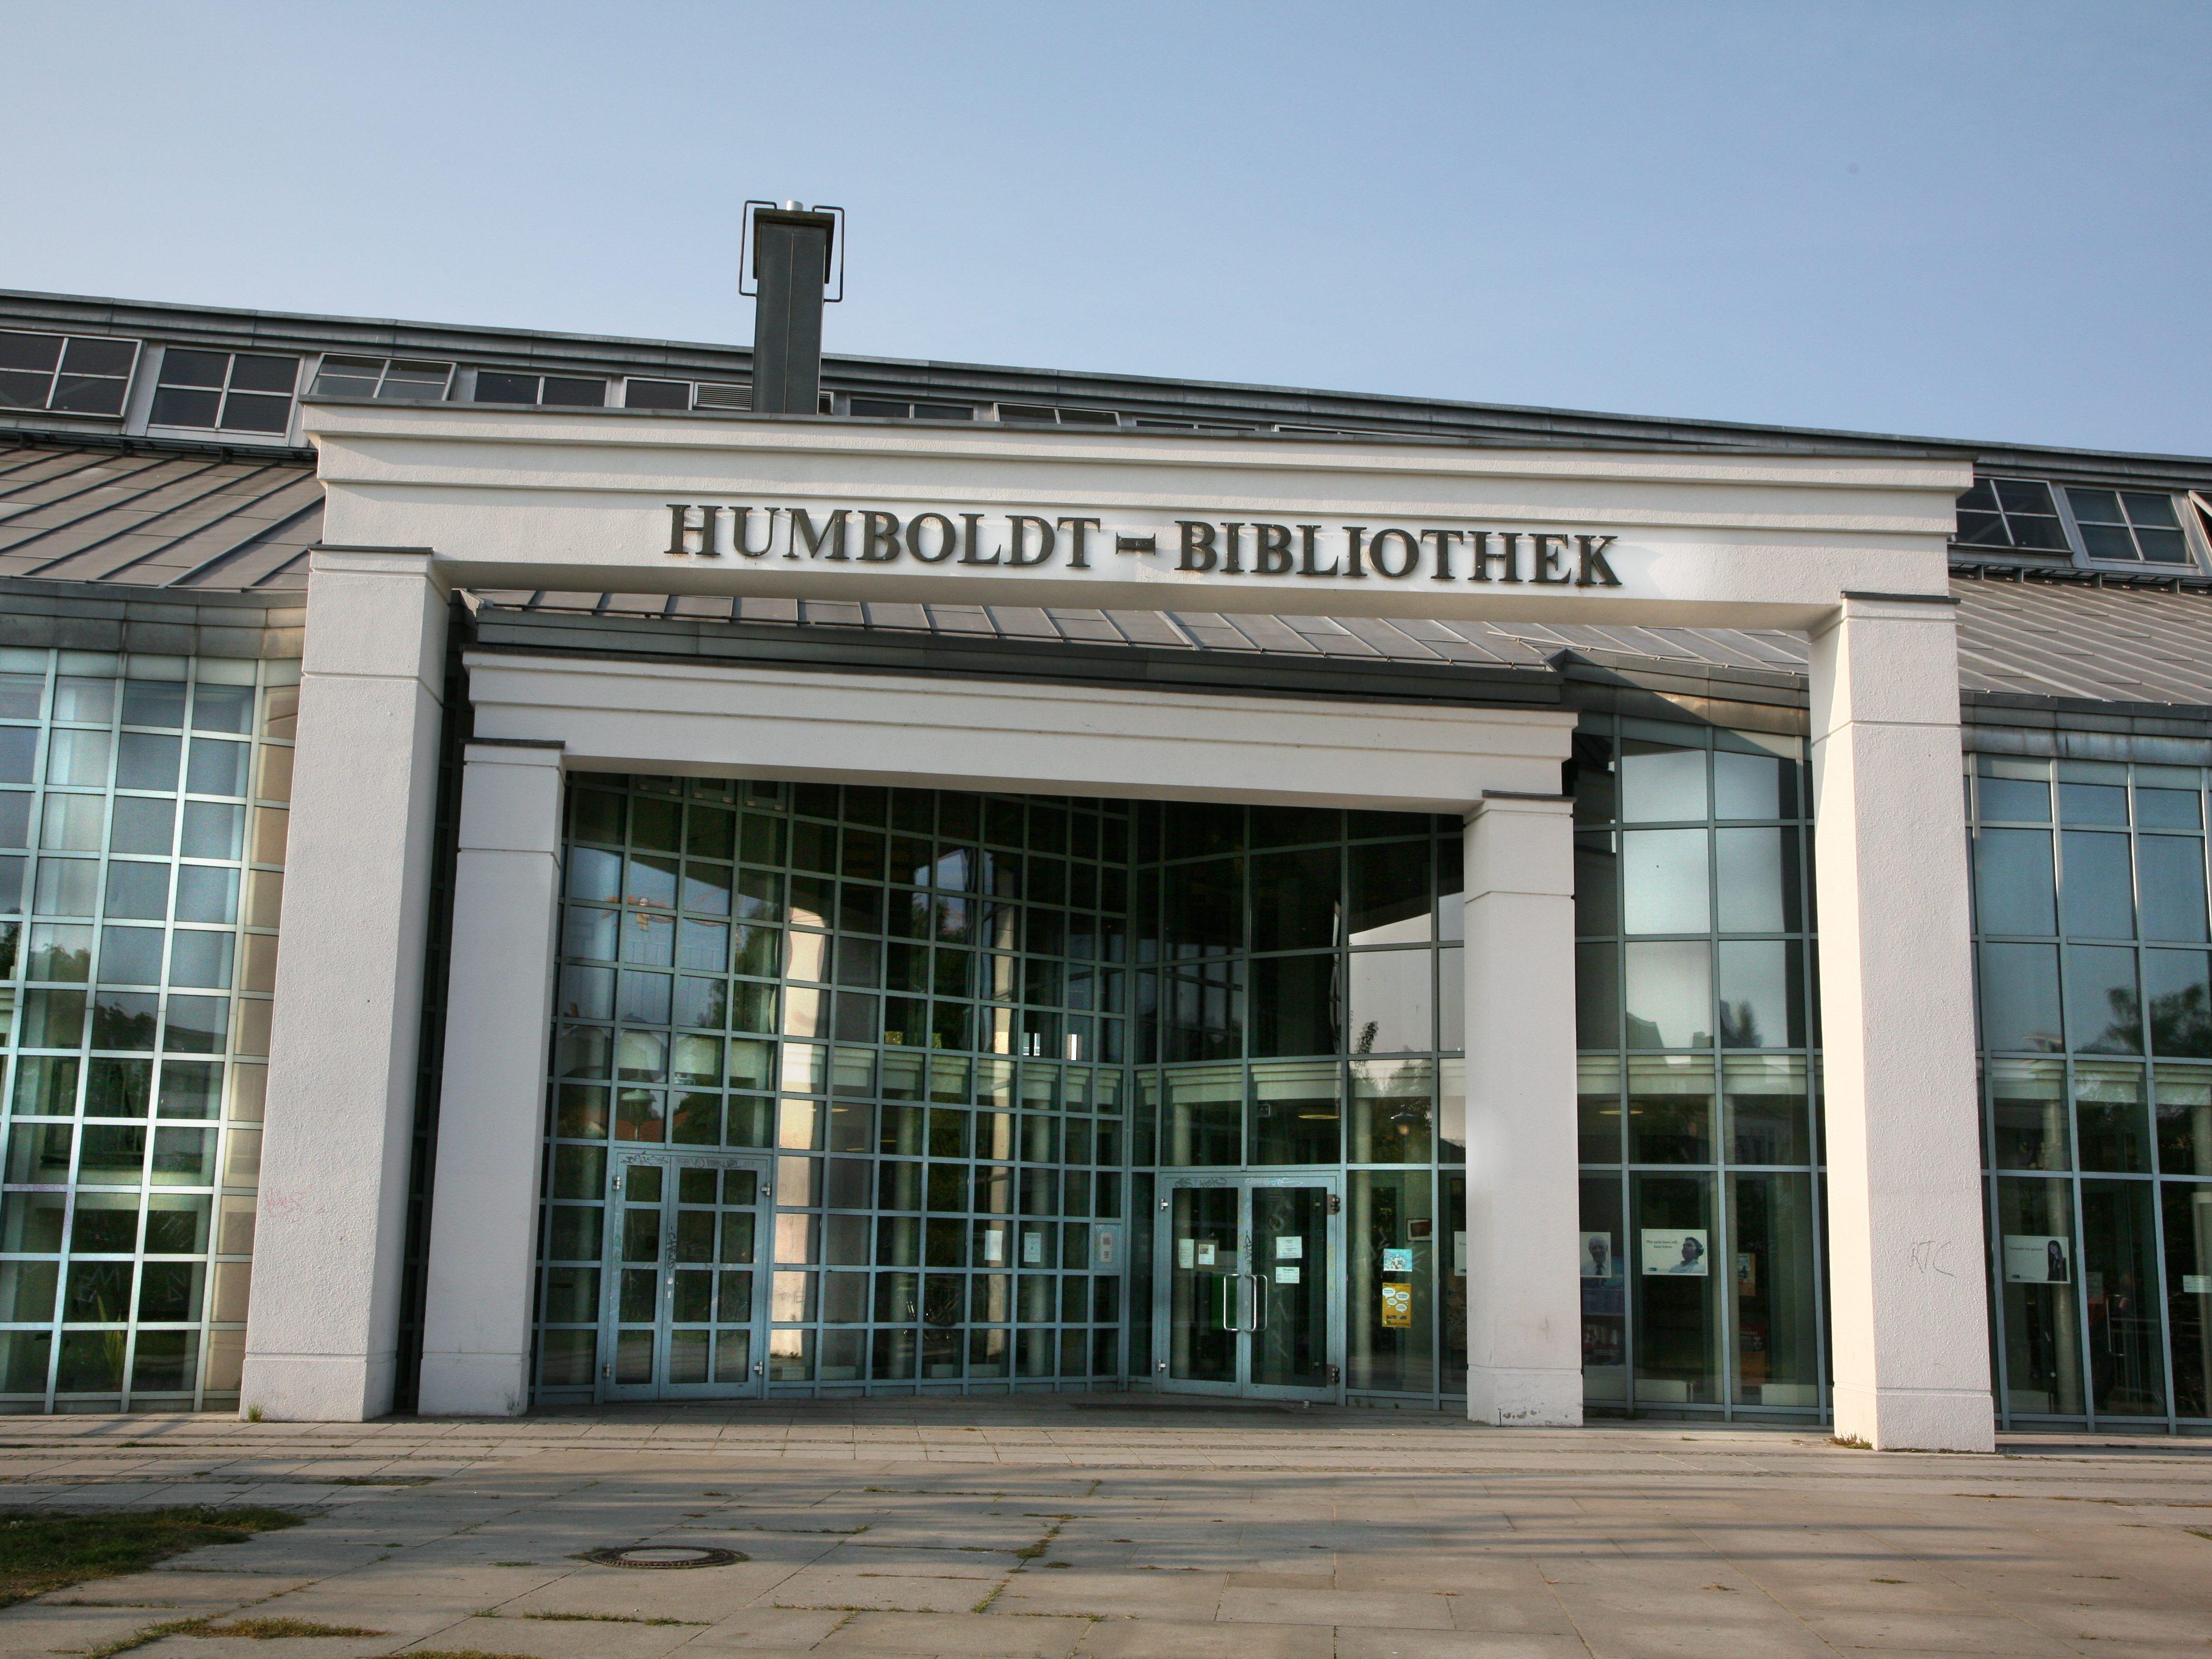 Der Eingang der architektonisch interessanten Humboldt-Bibliothek in Reinickendorf